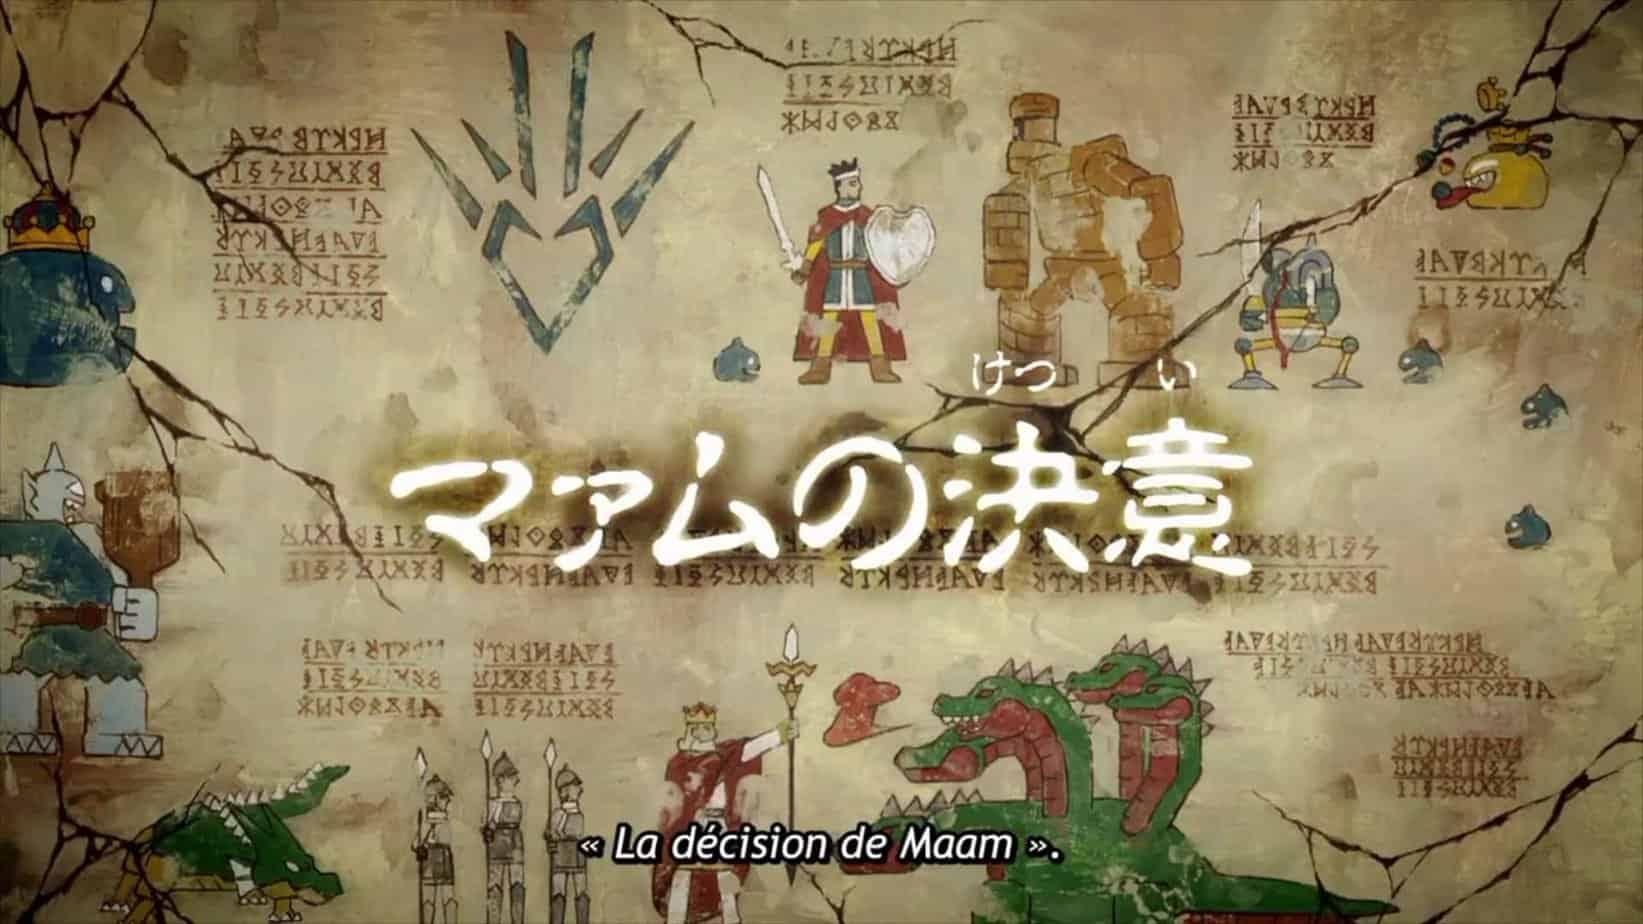 Dragon Quest : Dai No Daibouken 21 Vostfr – La Décision de Maam 3